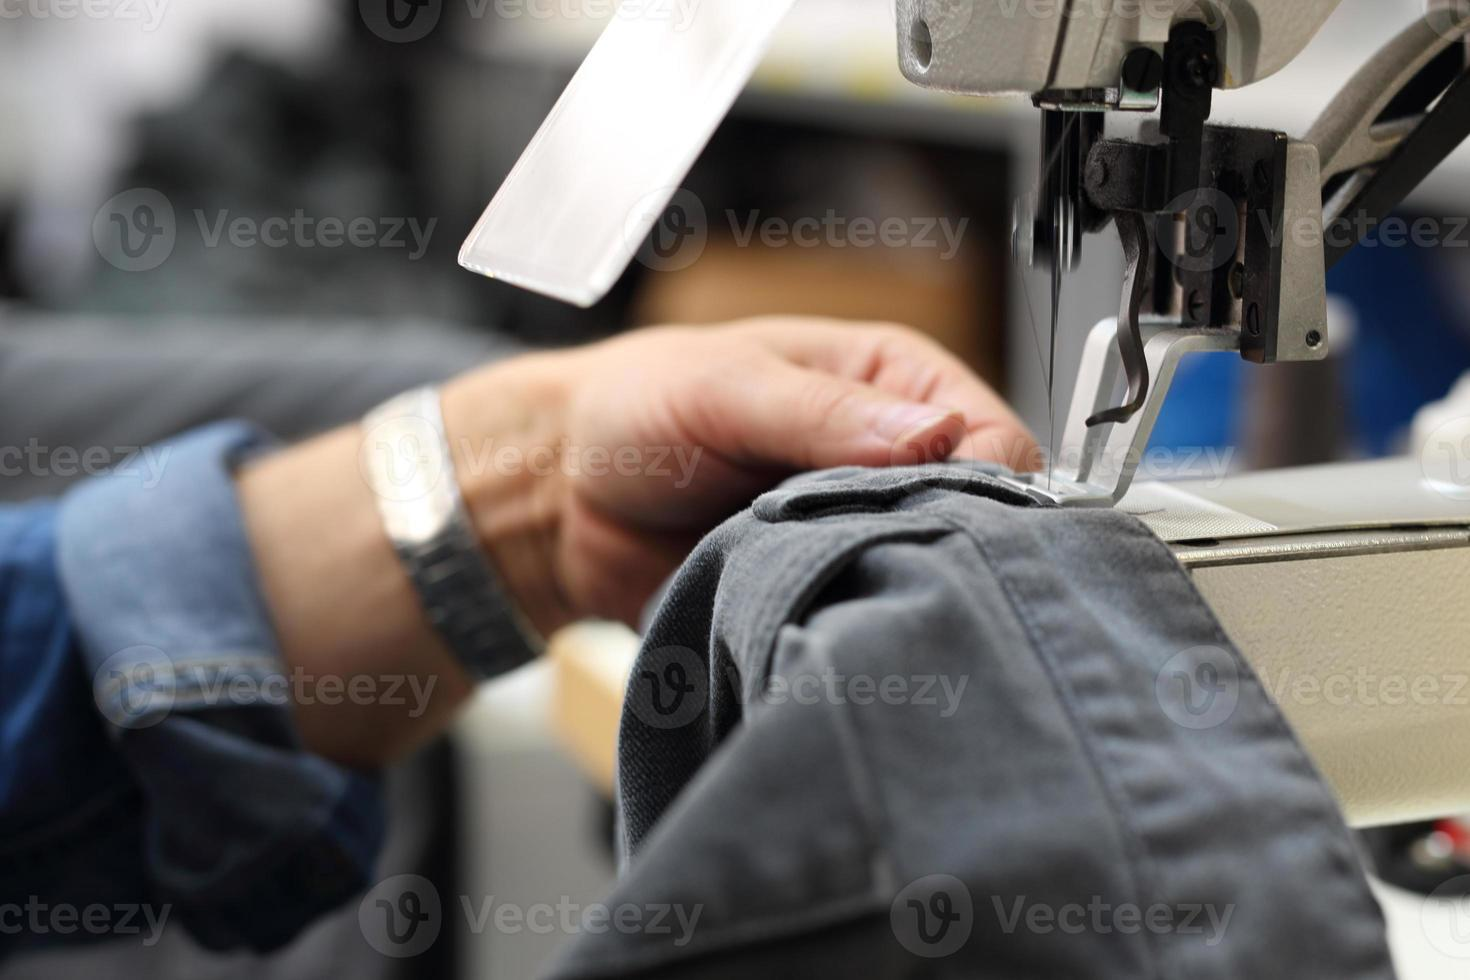 naaien op een machine. foto